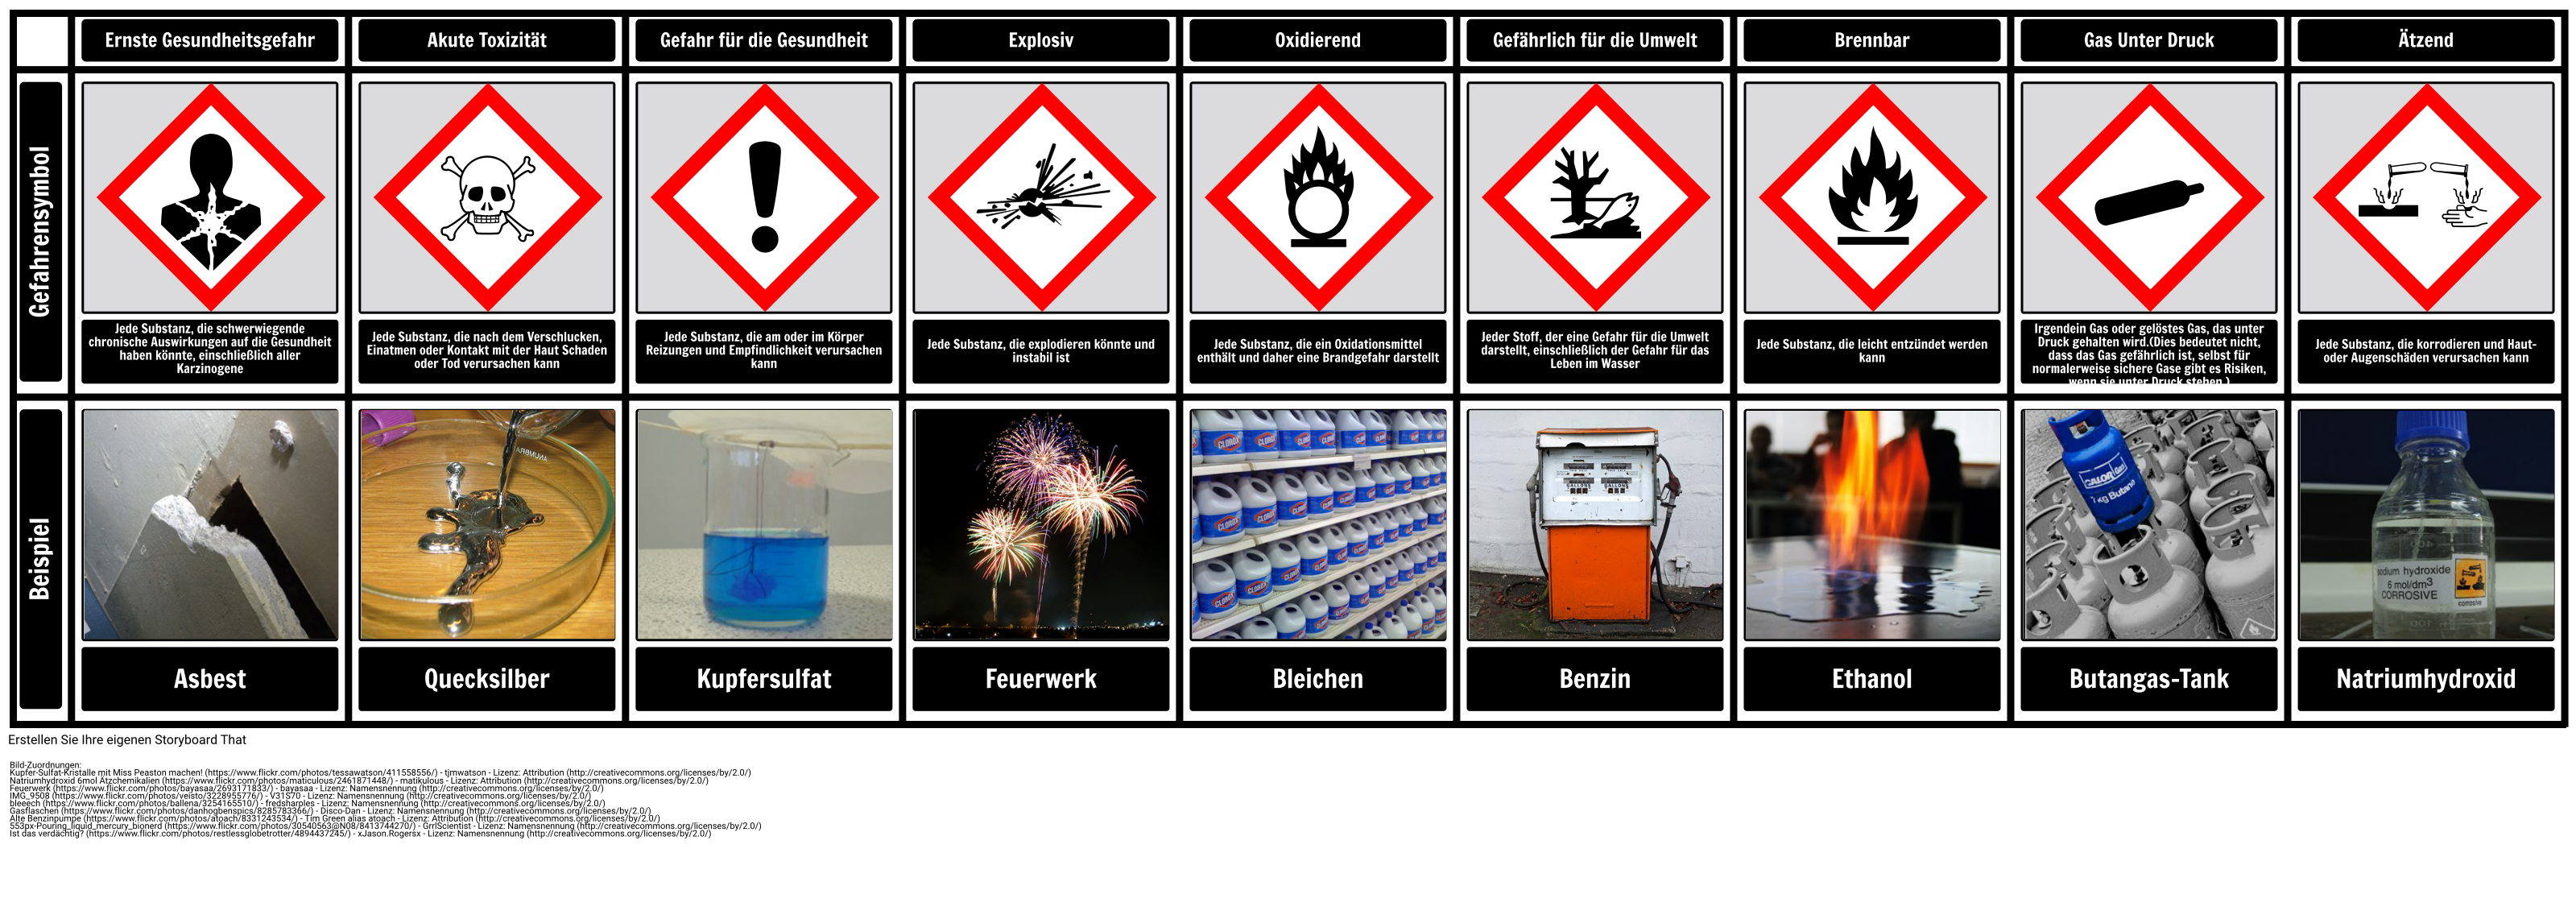 Lab Sicherheitsregeln   Seien Sie Sicher im Wissenschaftslabor